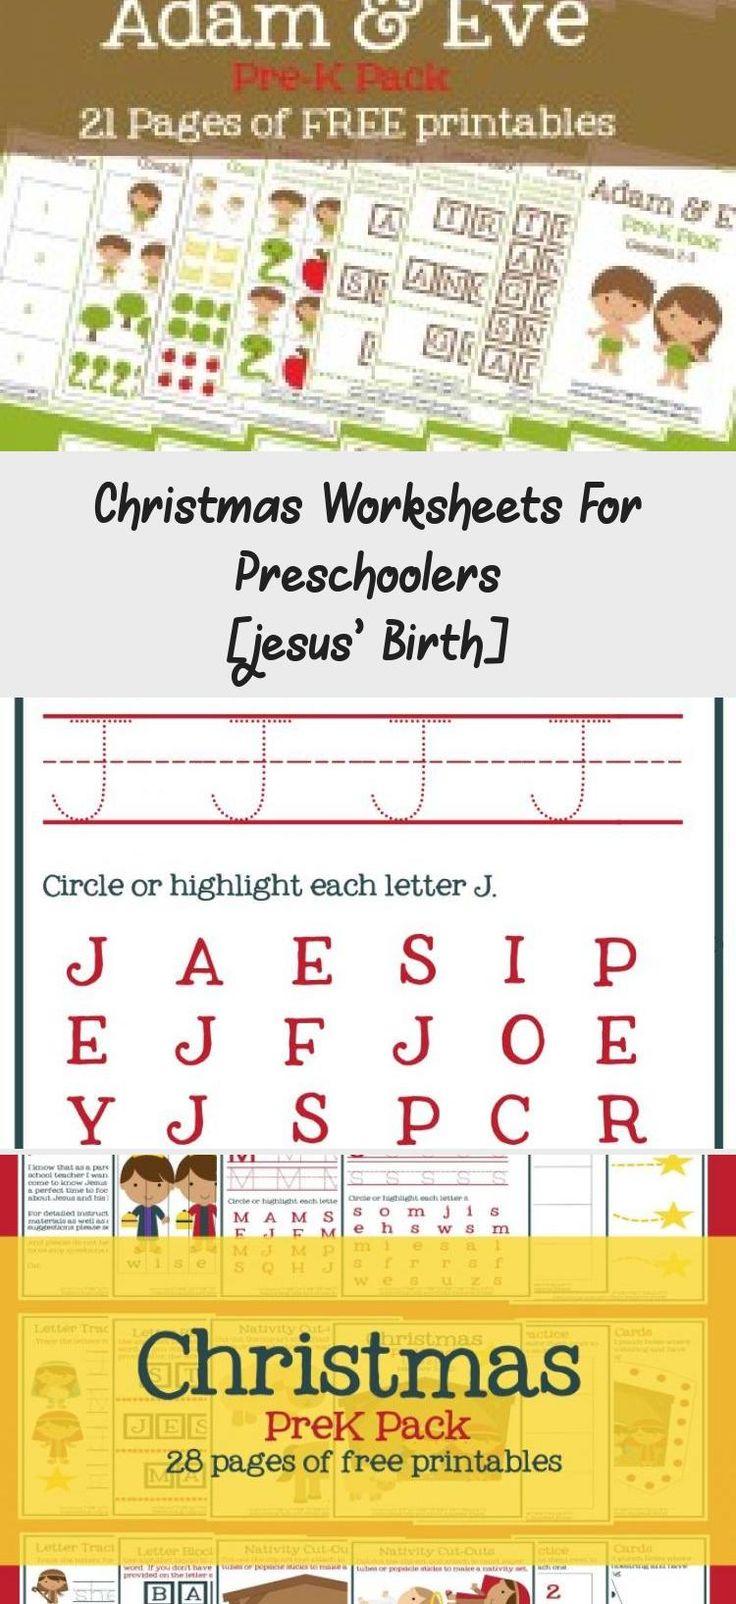 Christmas Worksheets for Preschoolers [Jesus' Birth